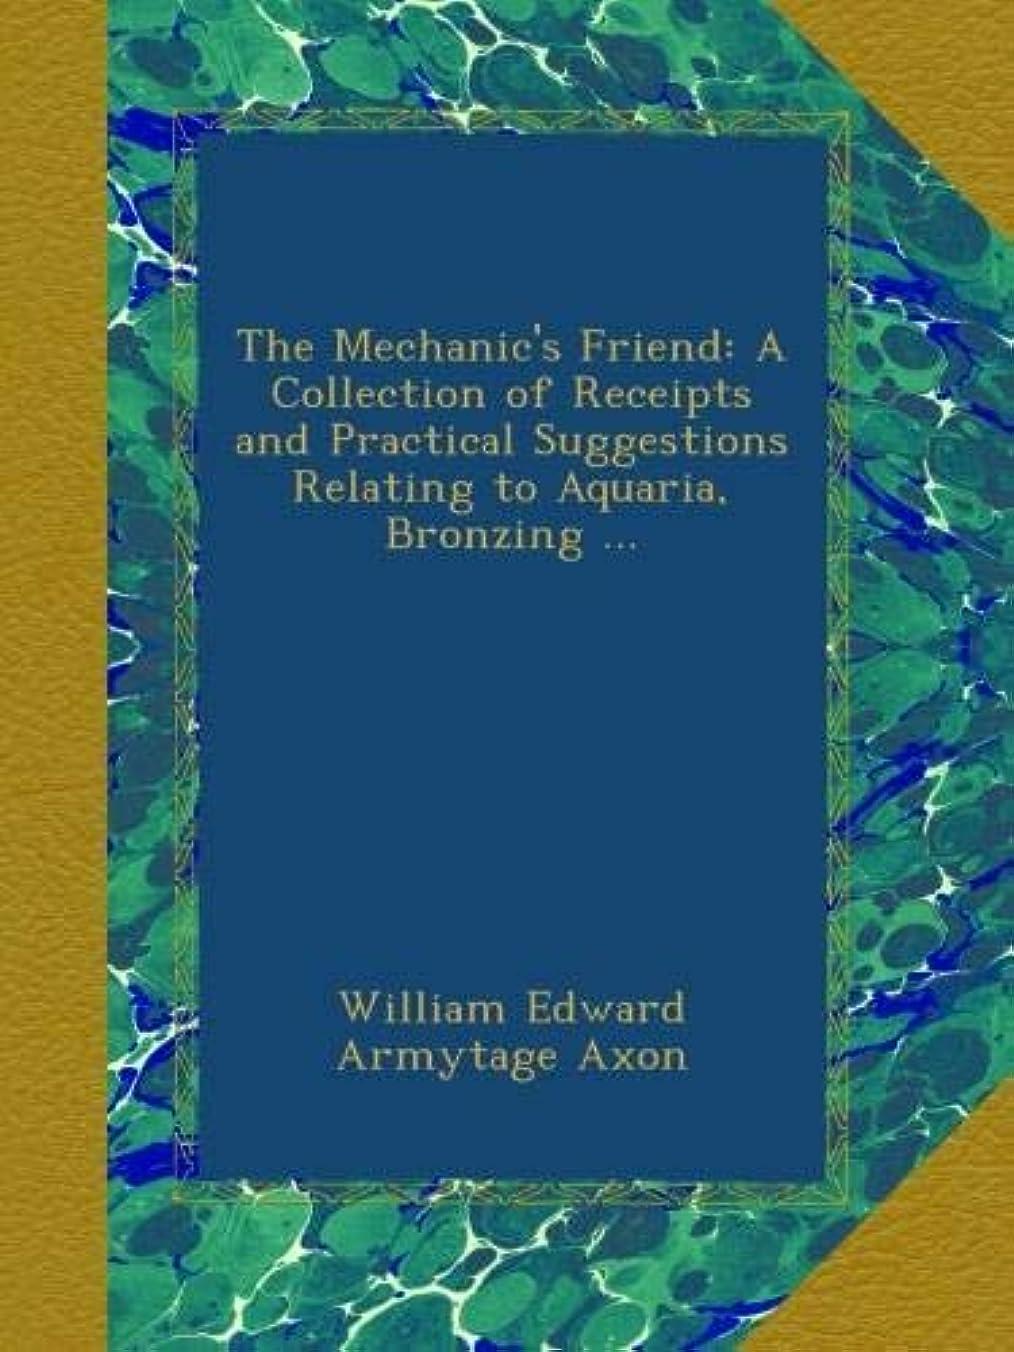 配送かなり線The Mechanic's Friend: A Collection of Receipts and Practical Suggestions Relating to Aquaria, Bronzing ...